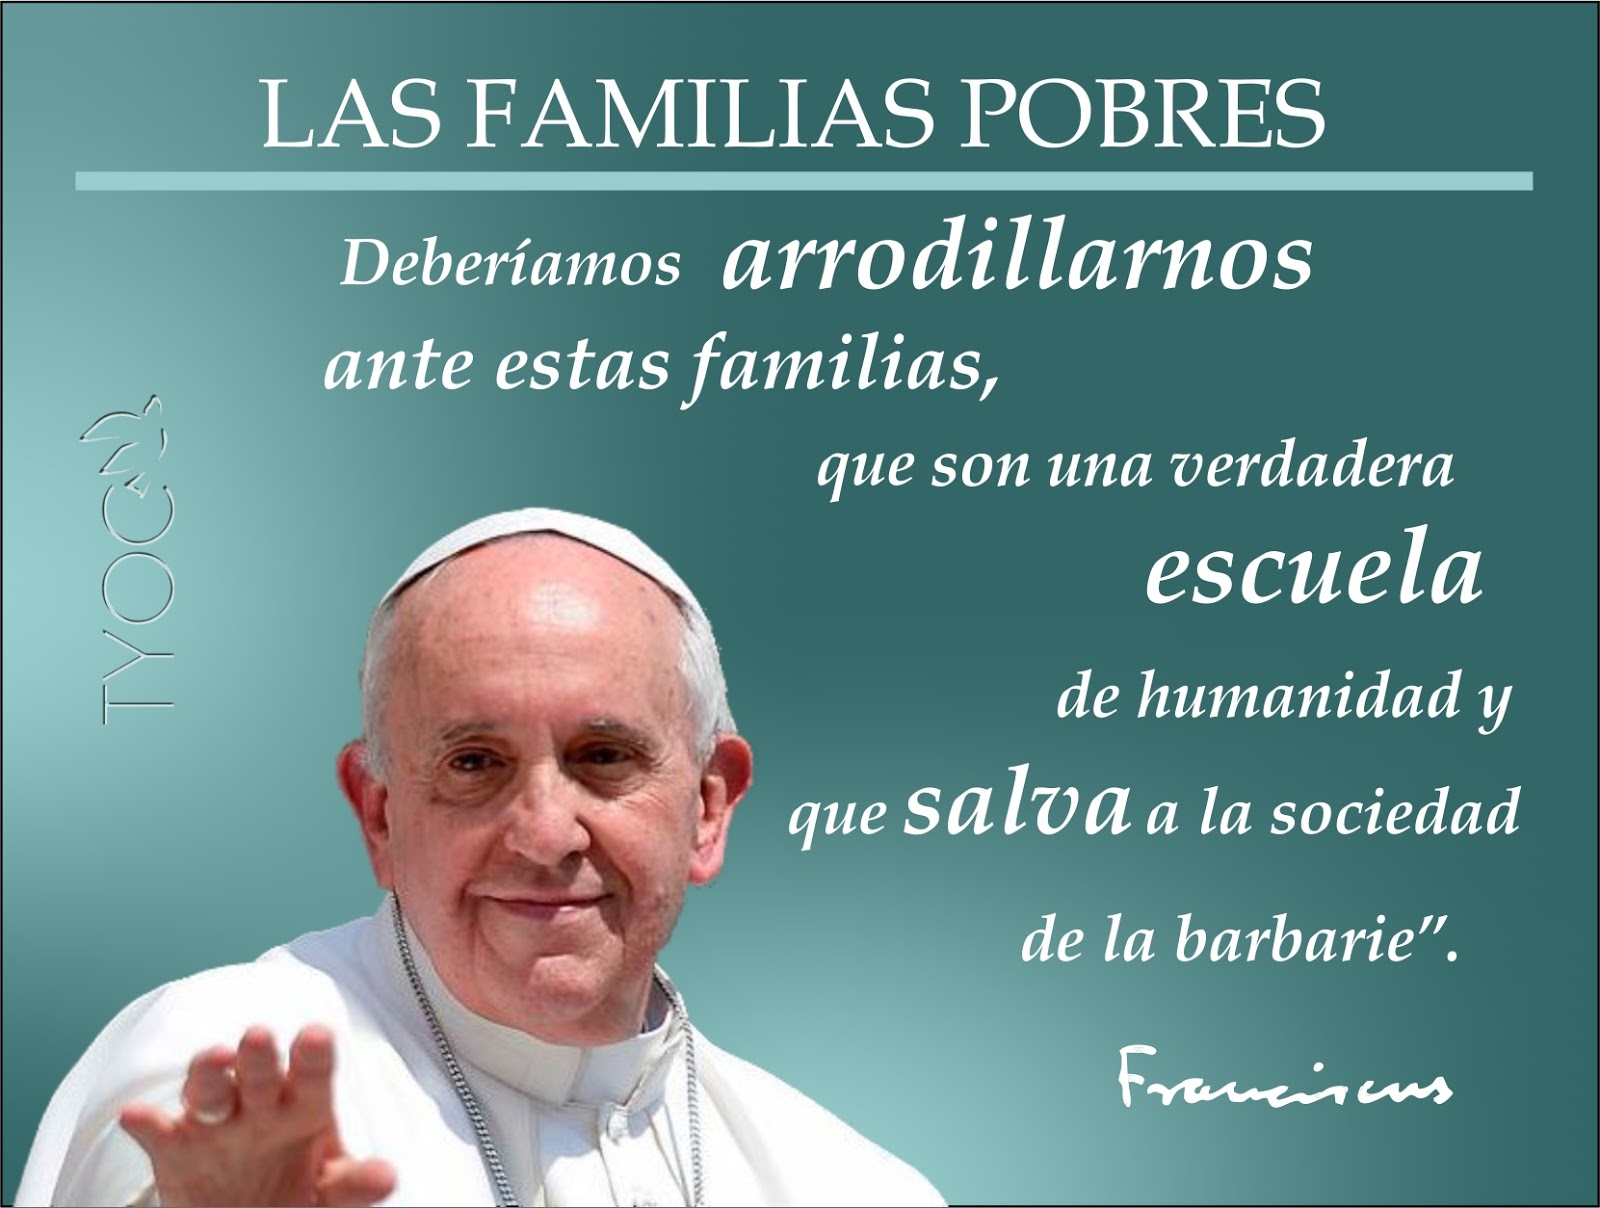 Resultado de imagen para il papa francesco i la pobreza